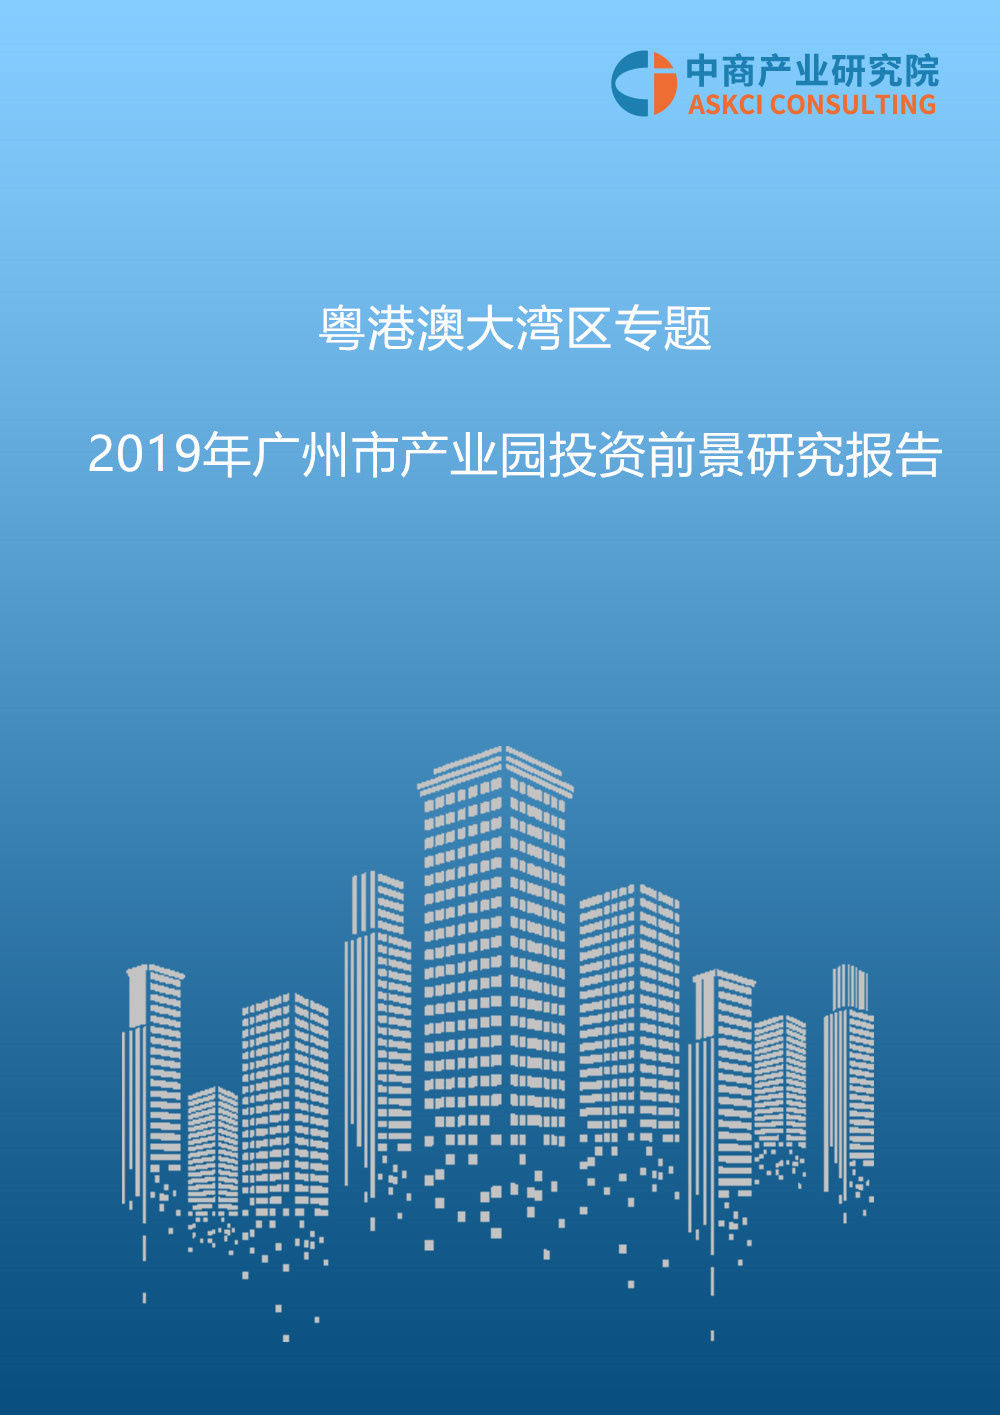 粤港澳大湾区专题—2019年广州市产业园投资前景研究报告